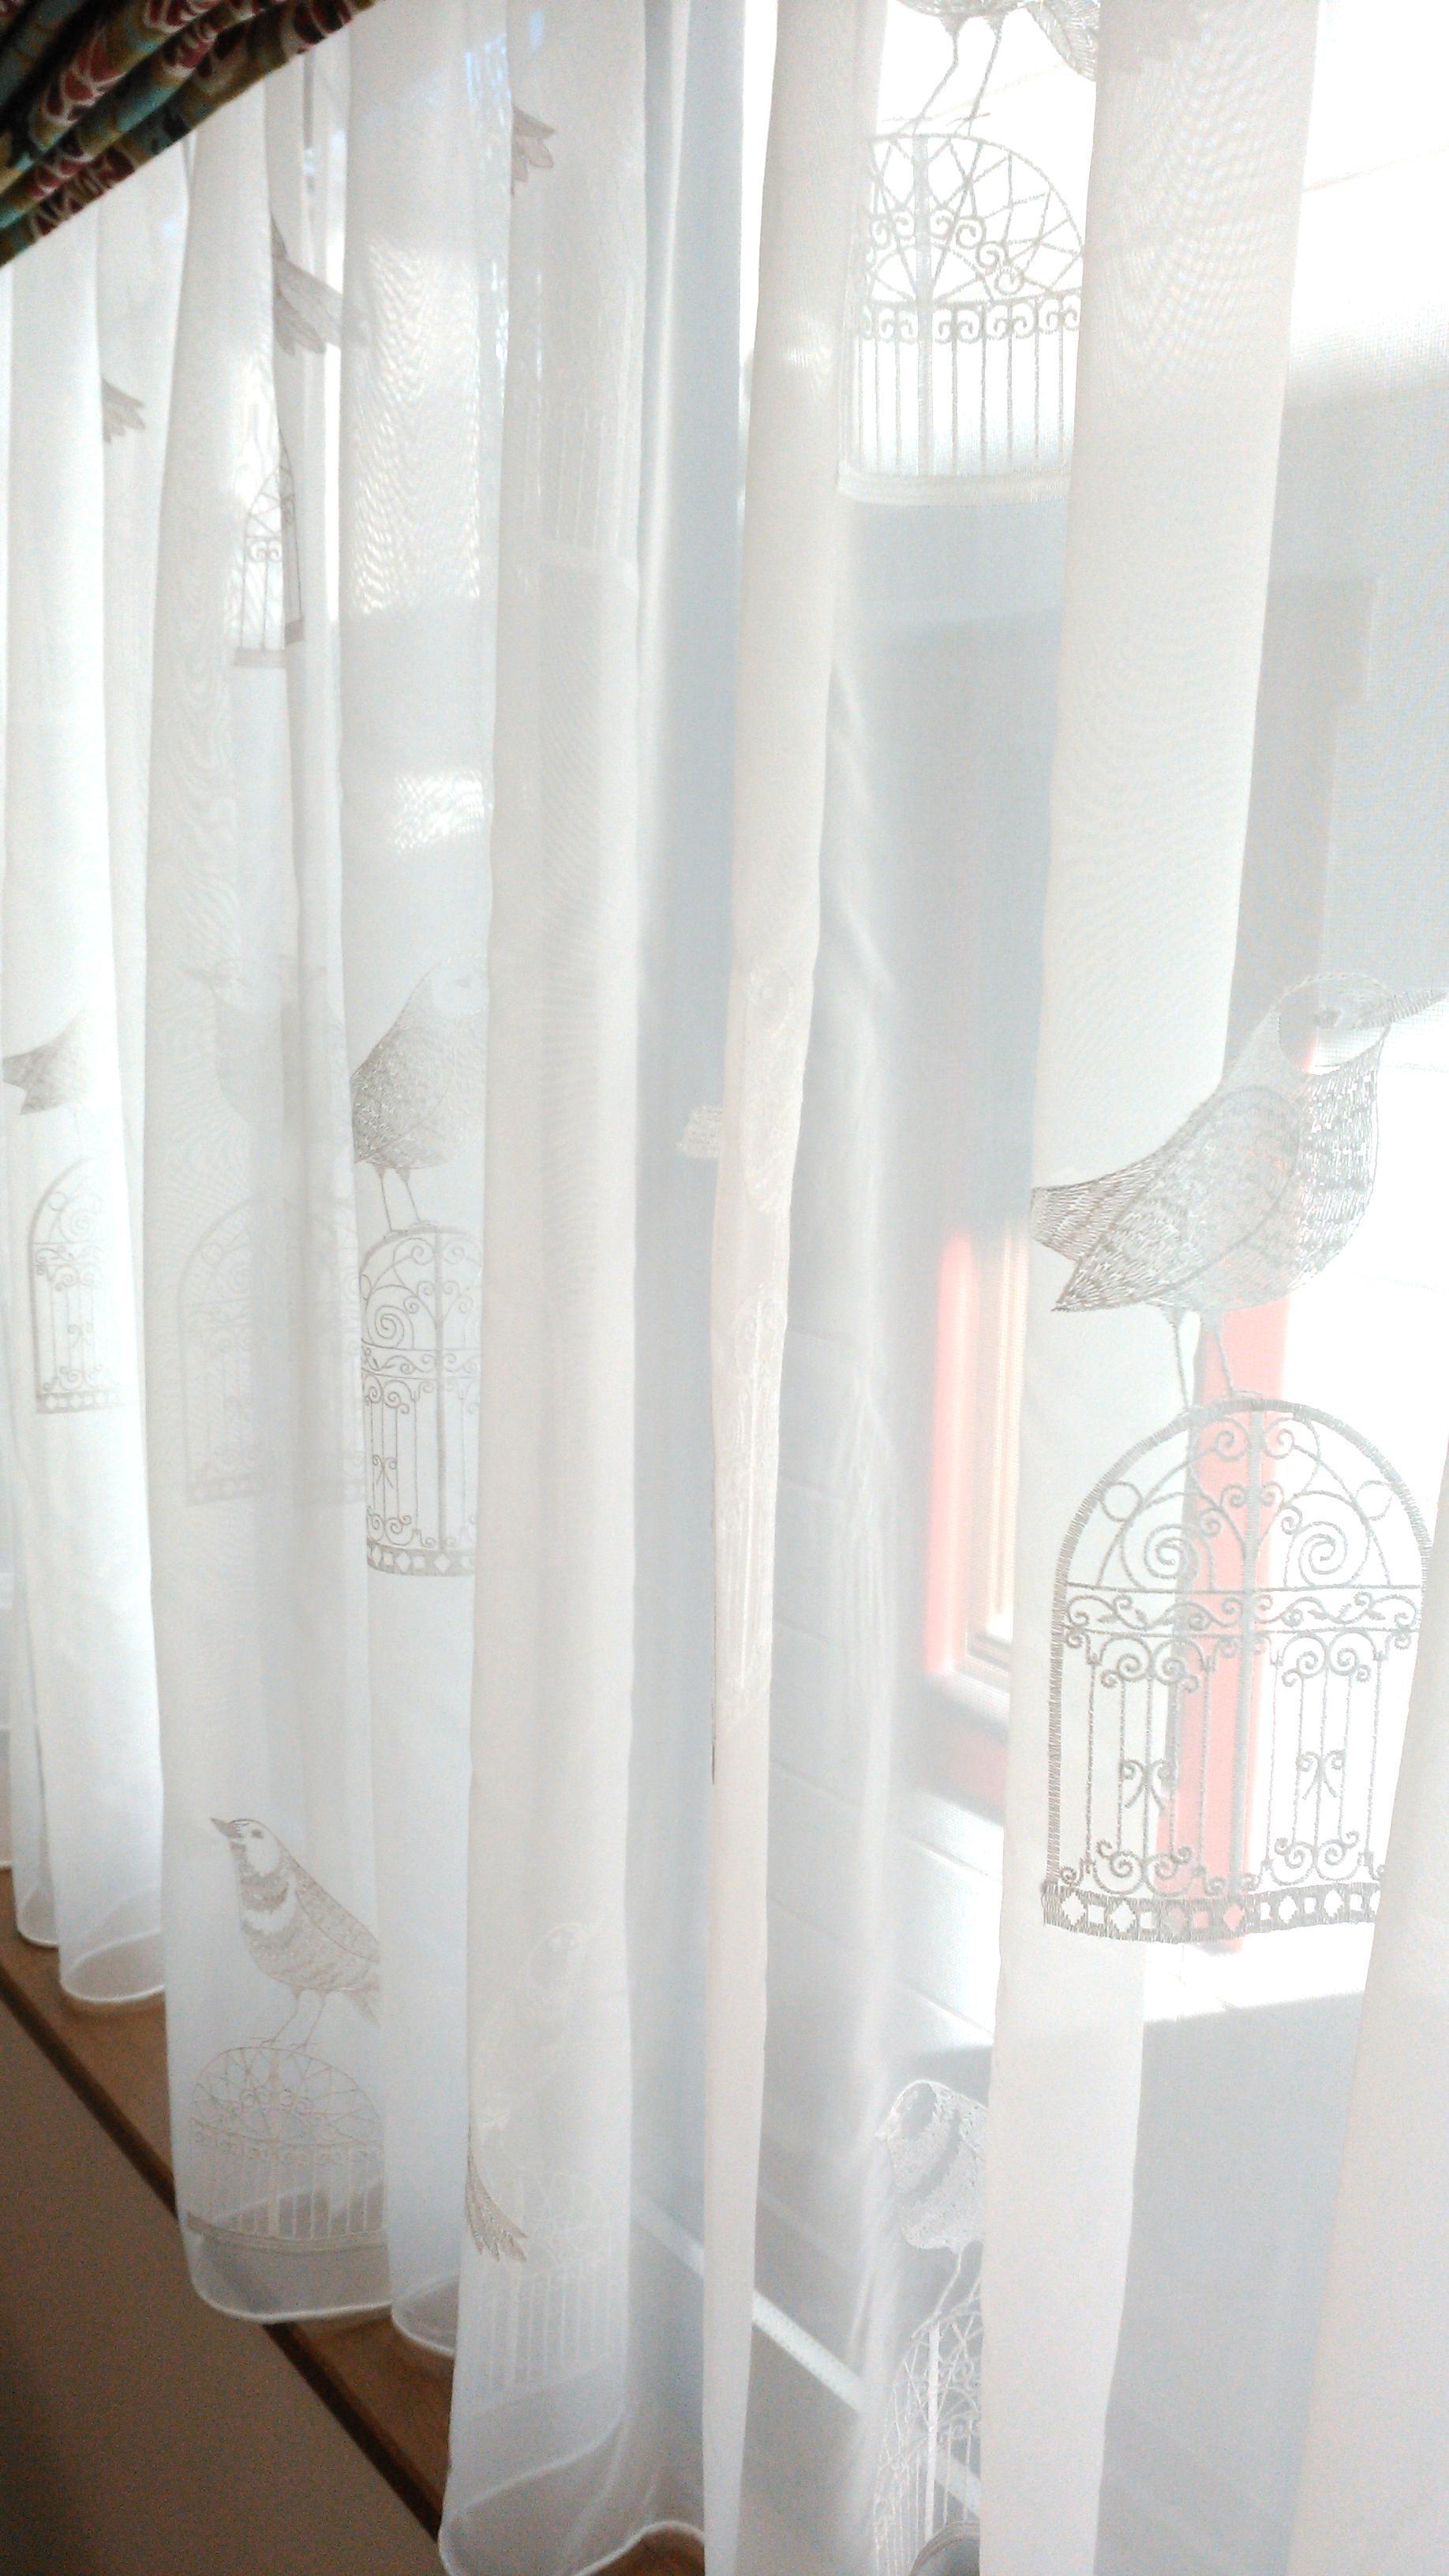 サンダーソン『ザクロ柄』のローマンシェード モリス正規販売店のブライト_c0157866_20430964.jpg